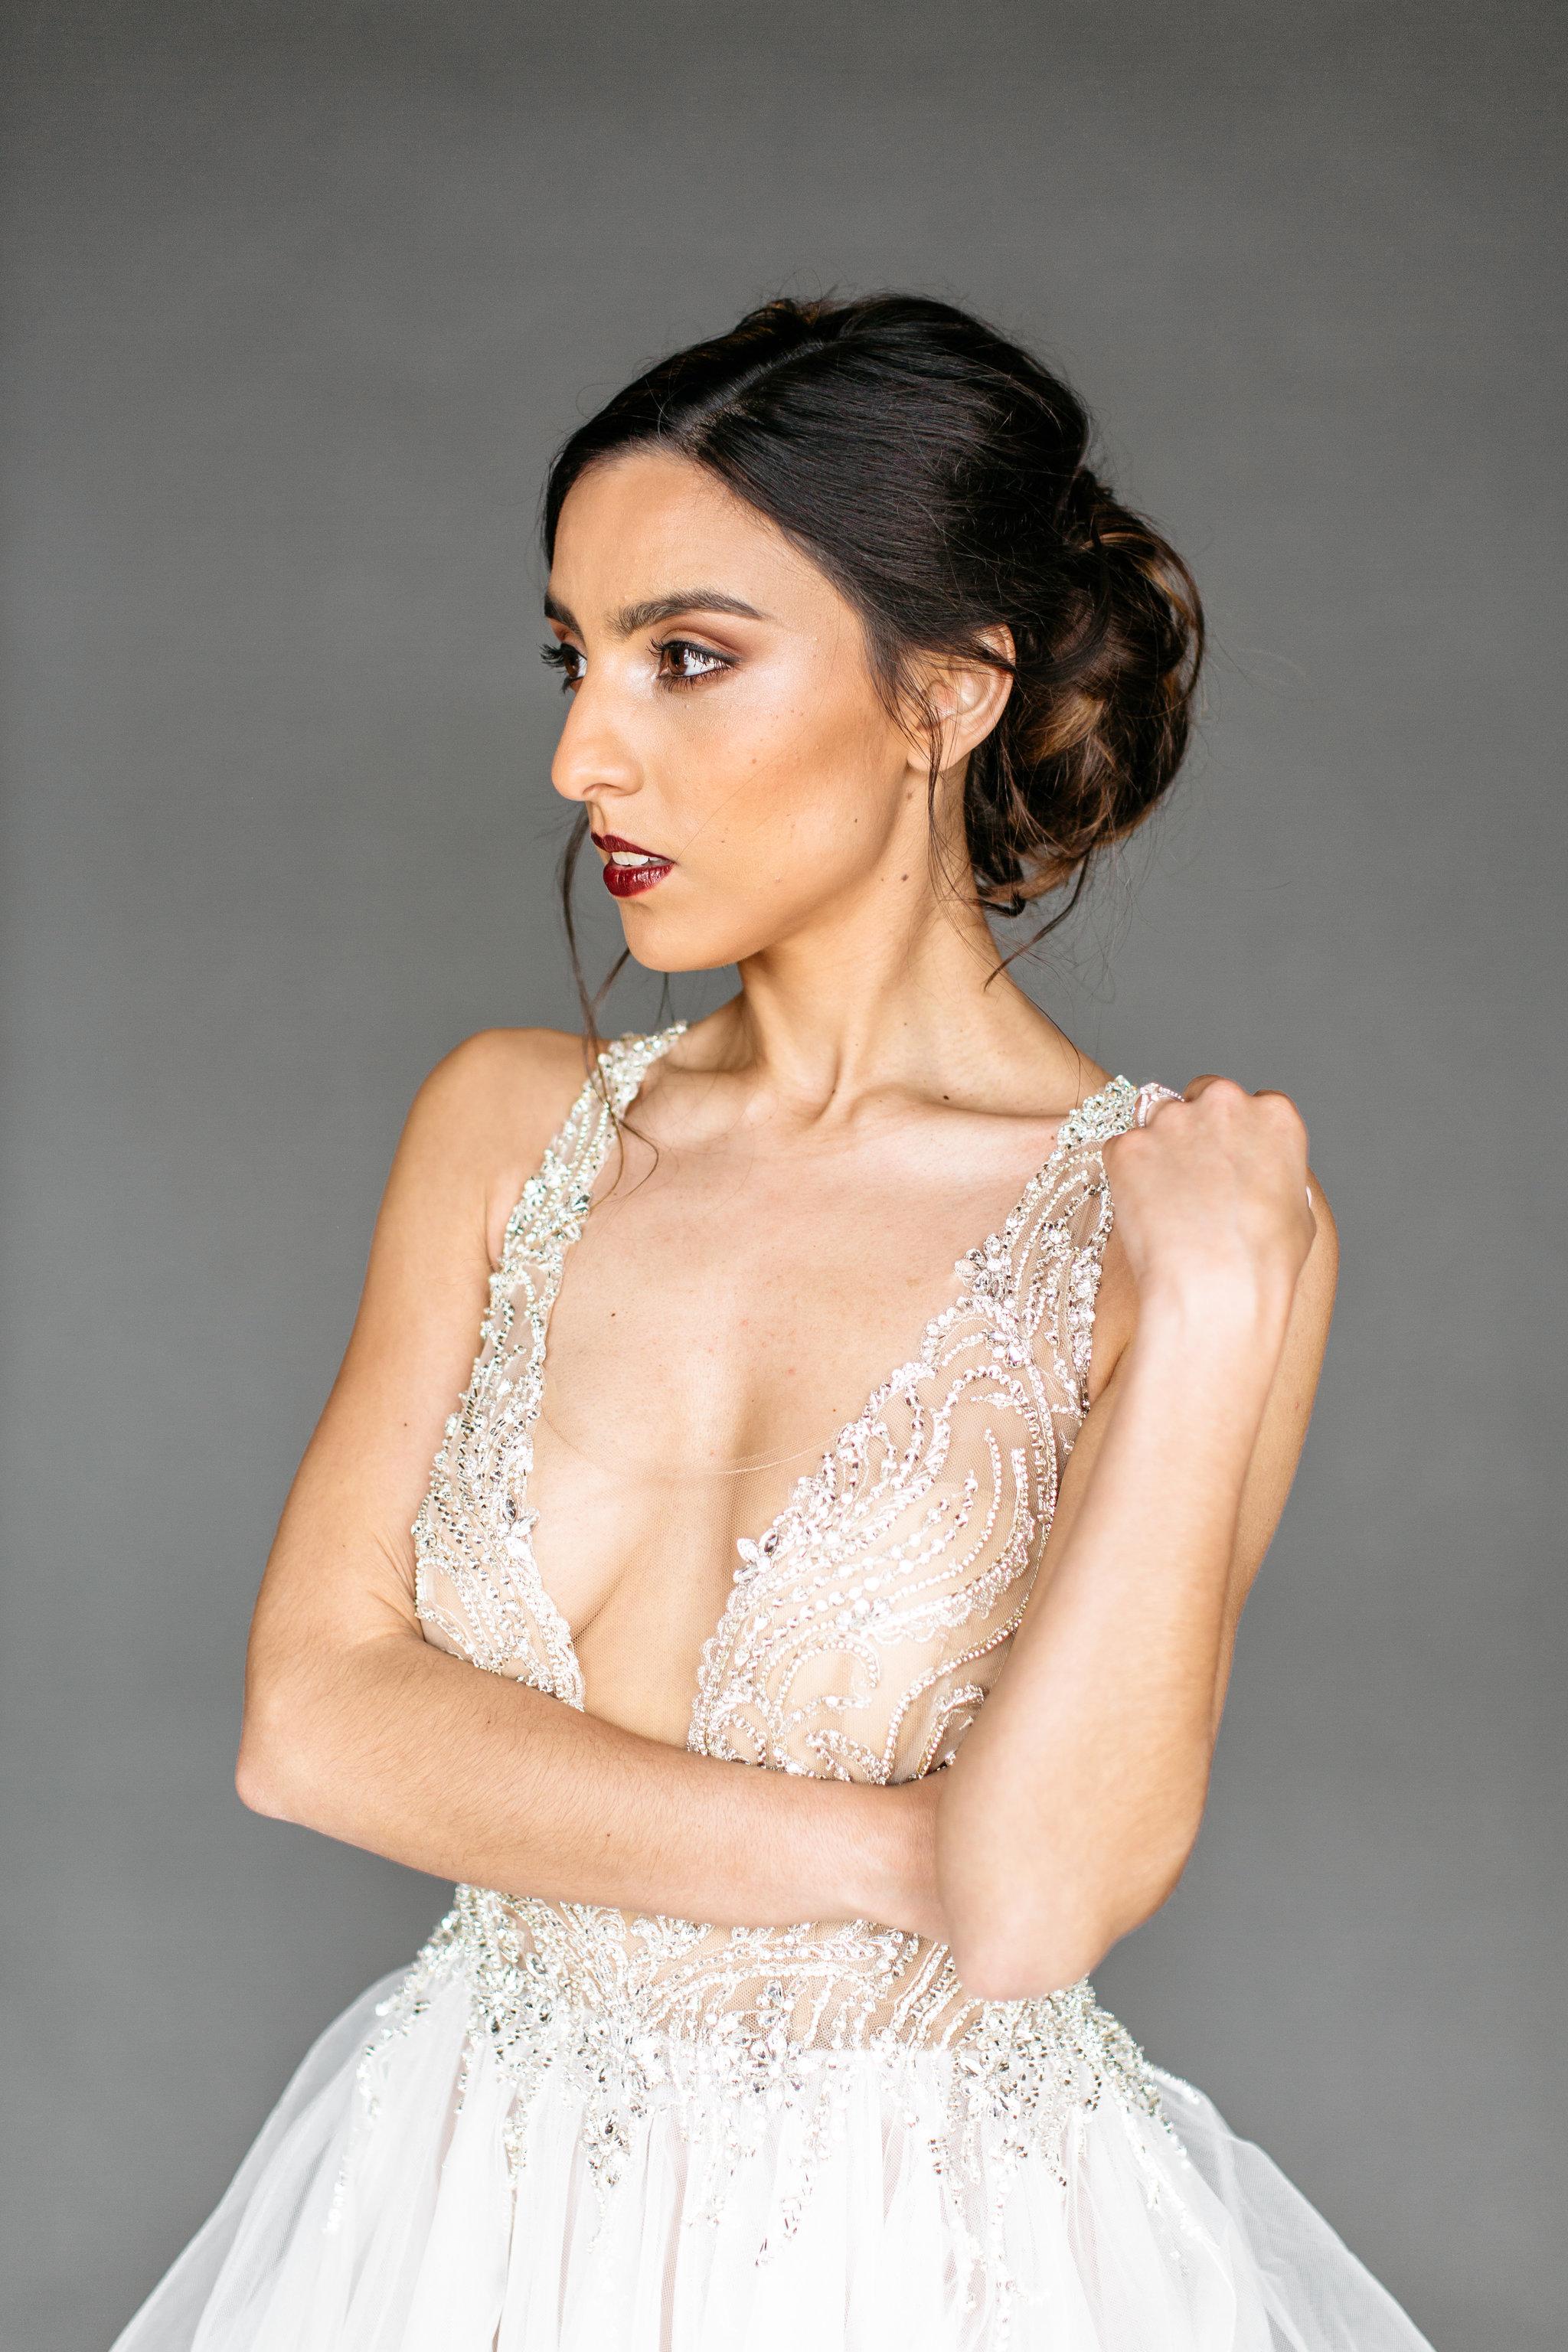 Alexa-Vossler-Photo_Dallas-Wedding-Photographer_Photoshoot-at-the-Station-McKinney_Empower-Event-19.jpg